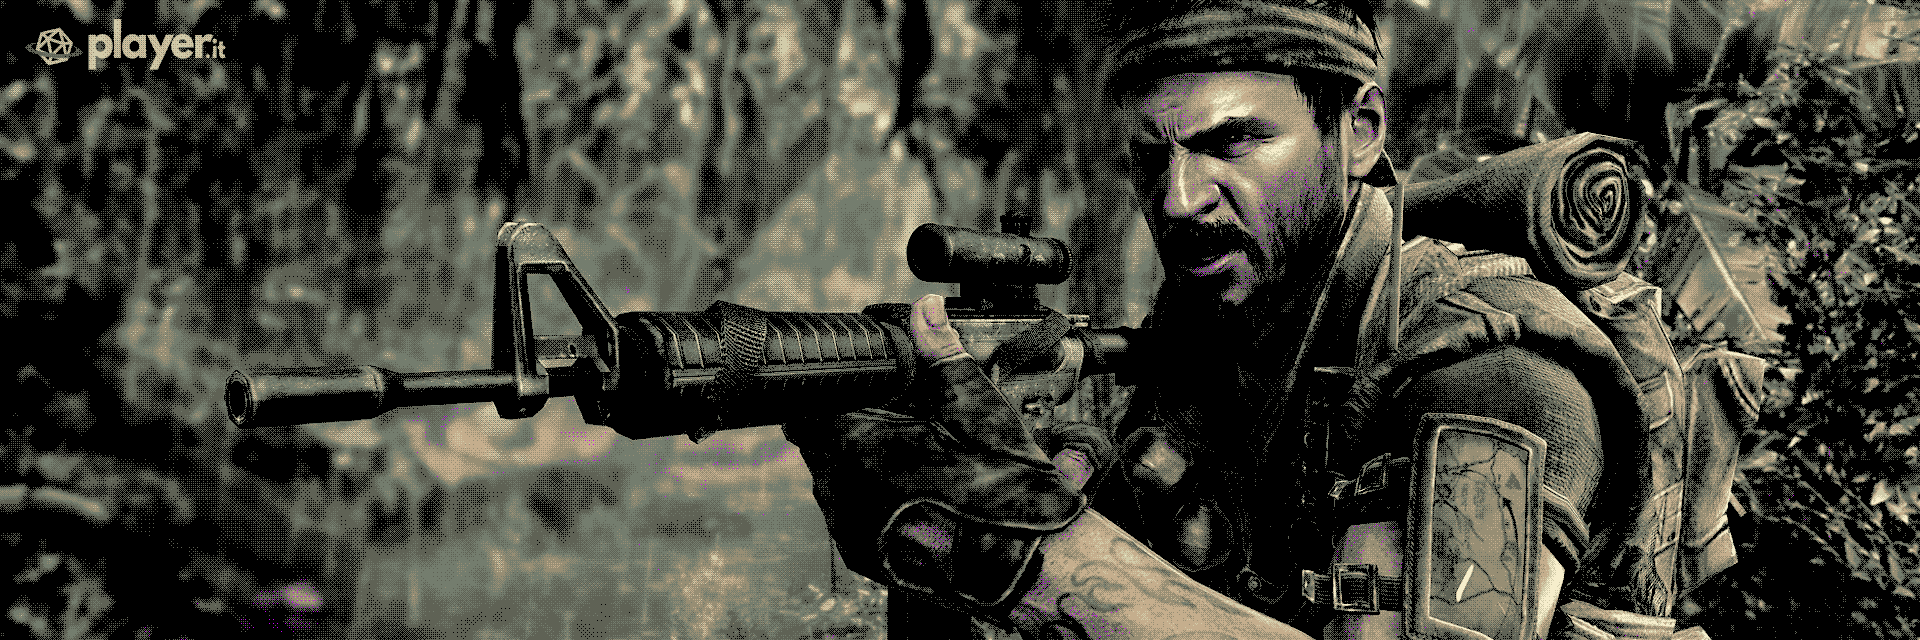 La copertina di Call of Duty: Black Ops